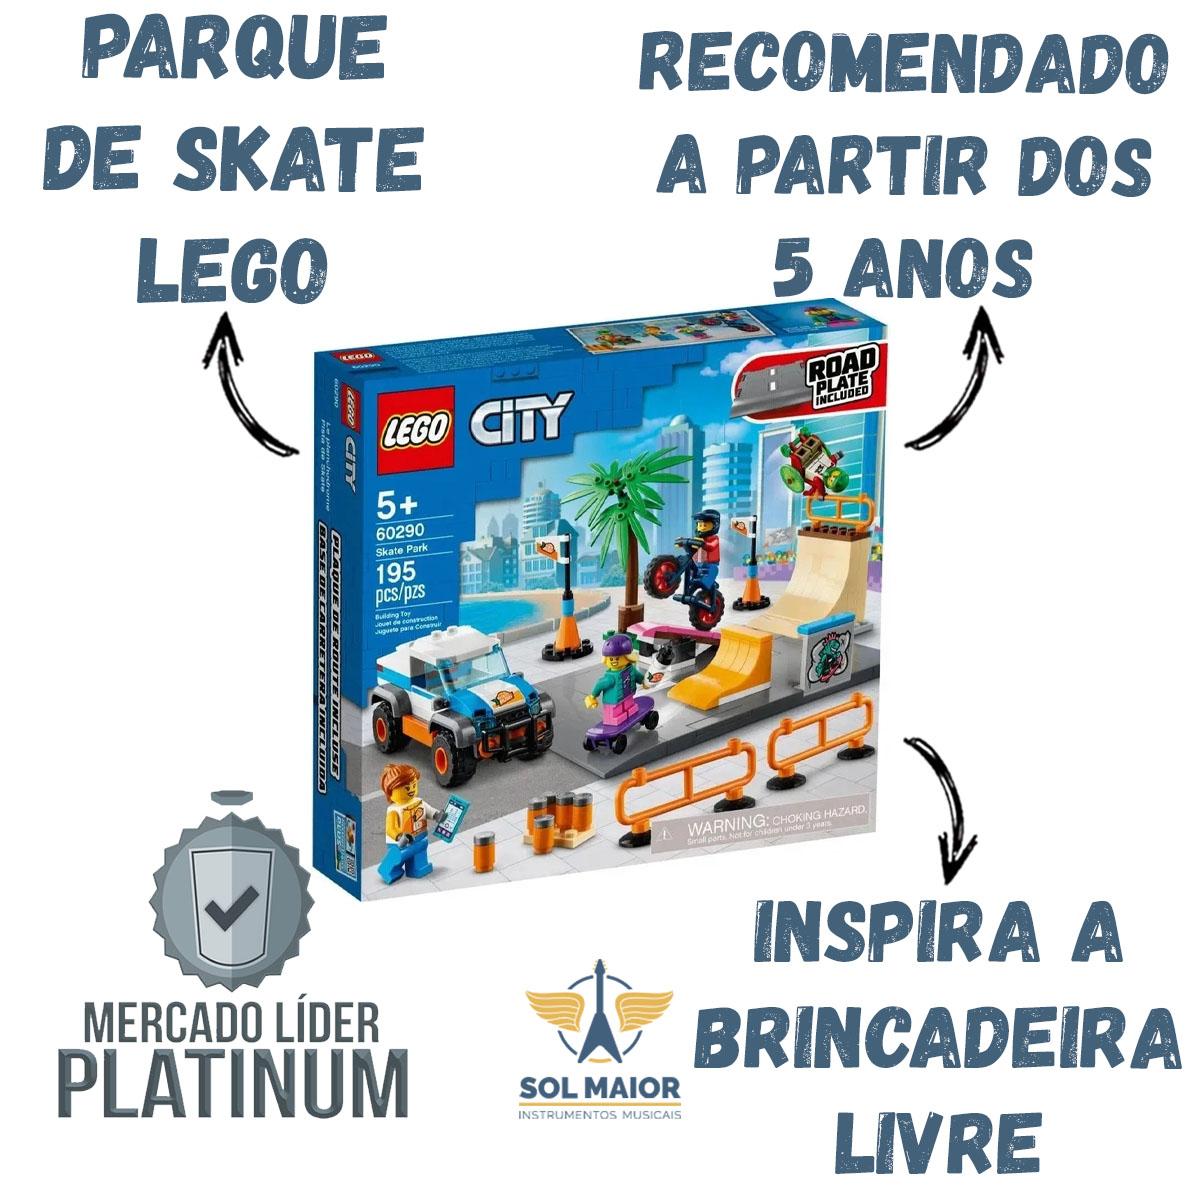 Lego City 60290 - Parque de Skate com Placa de Estrada